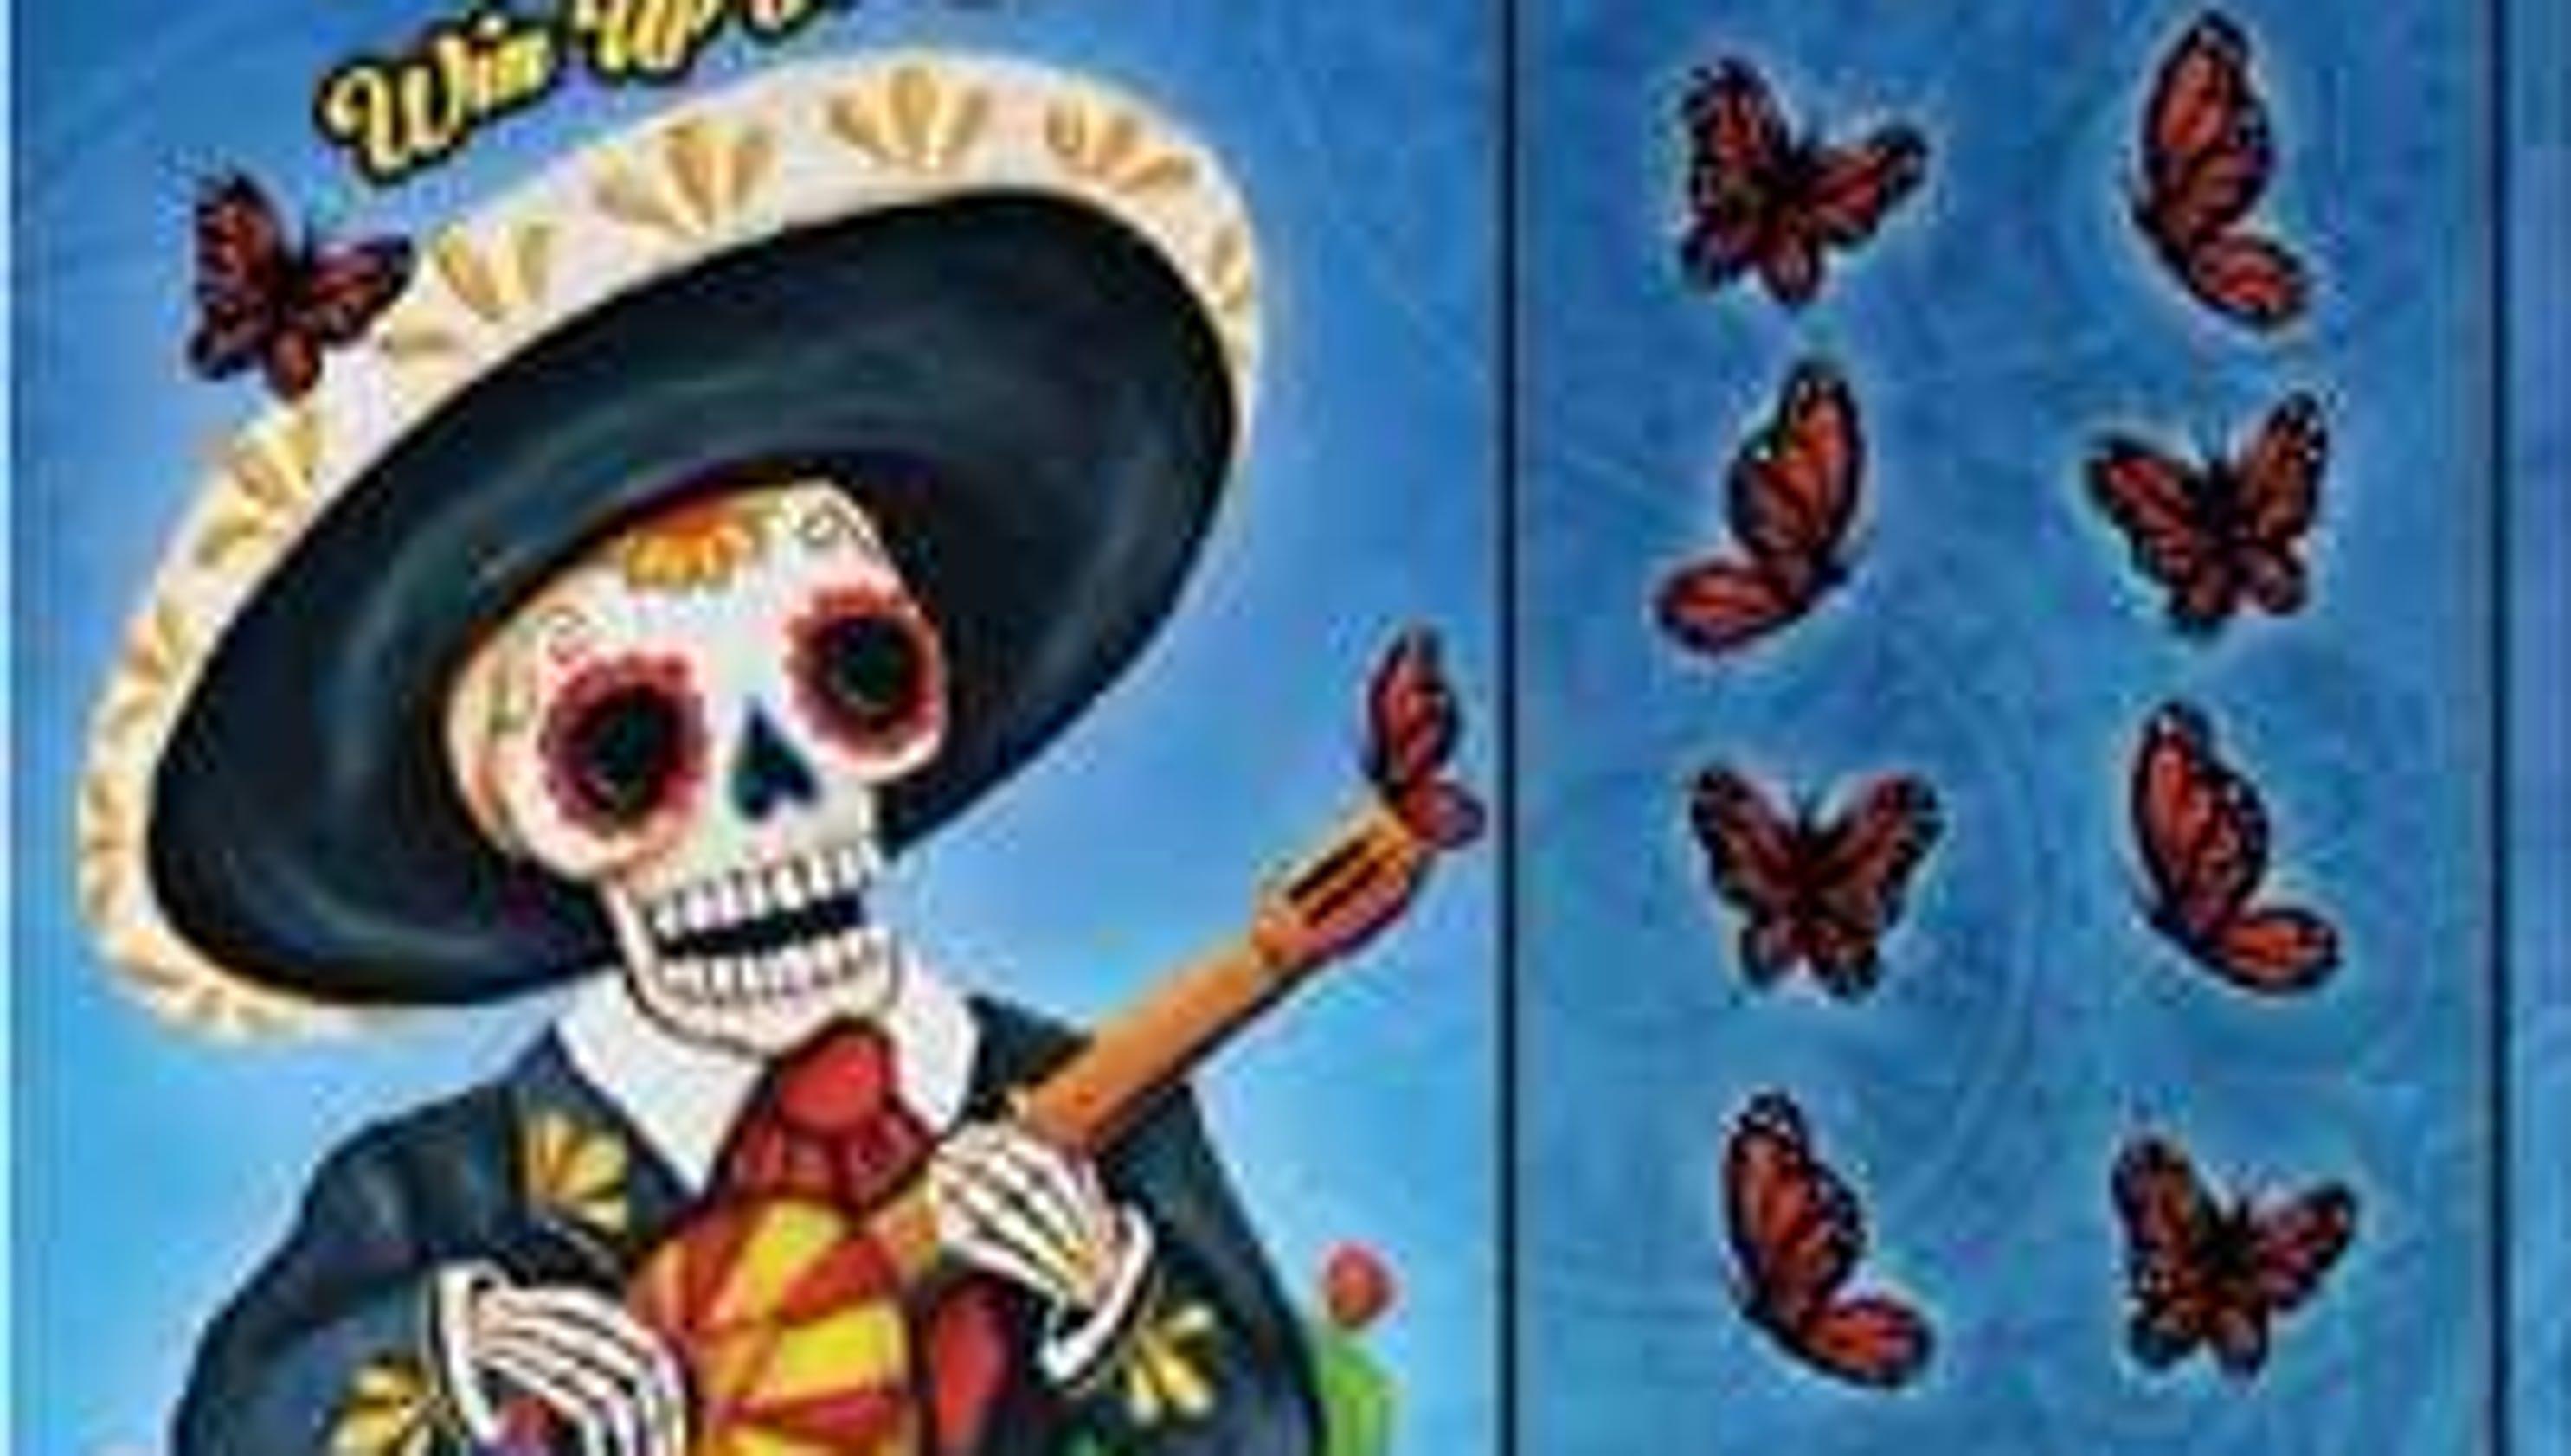 Lotto Gmx dia de los muertos designs on arizona lottery tickets by local artist